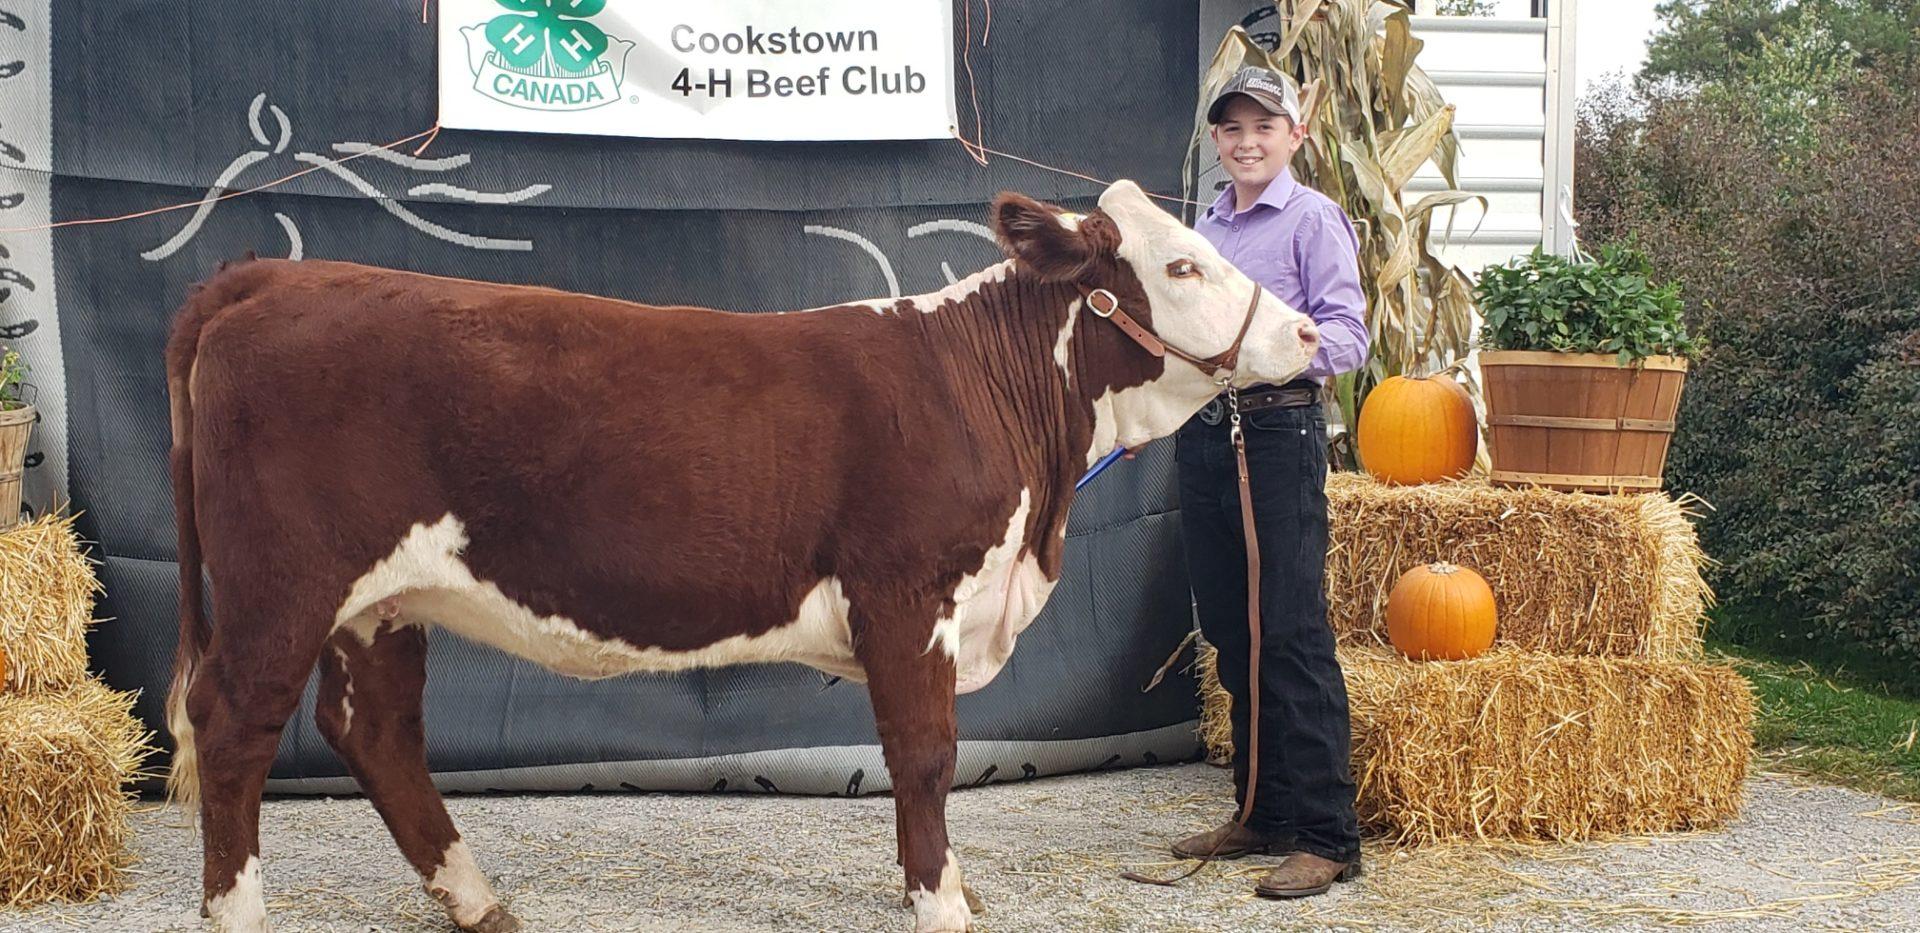 Member with 4-H calf posing.